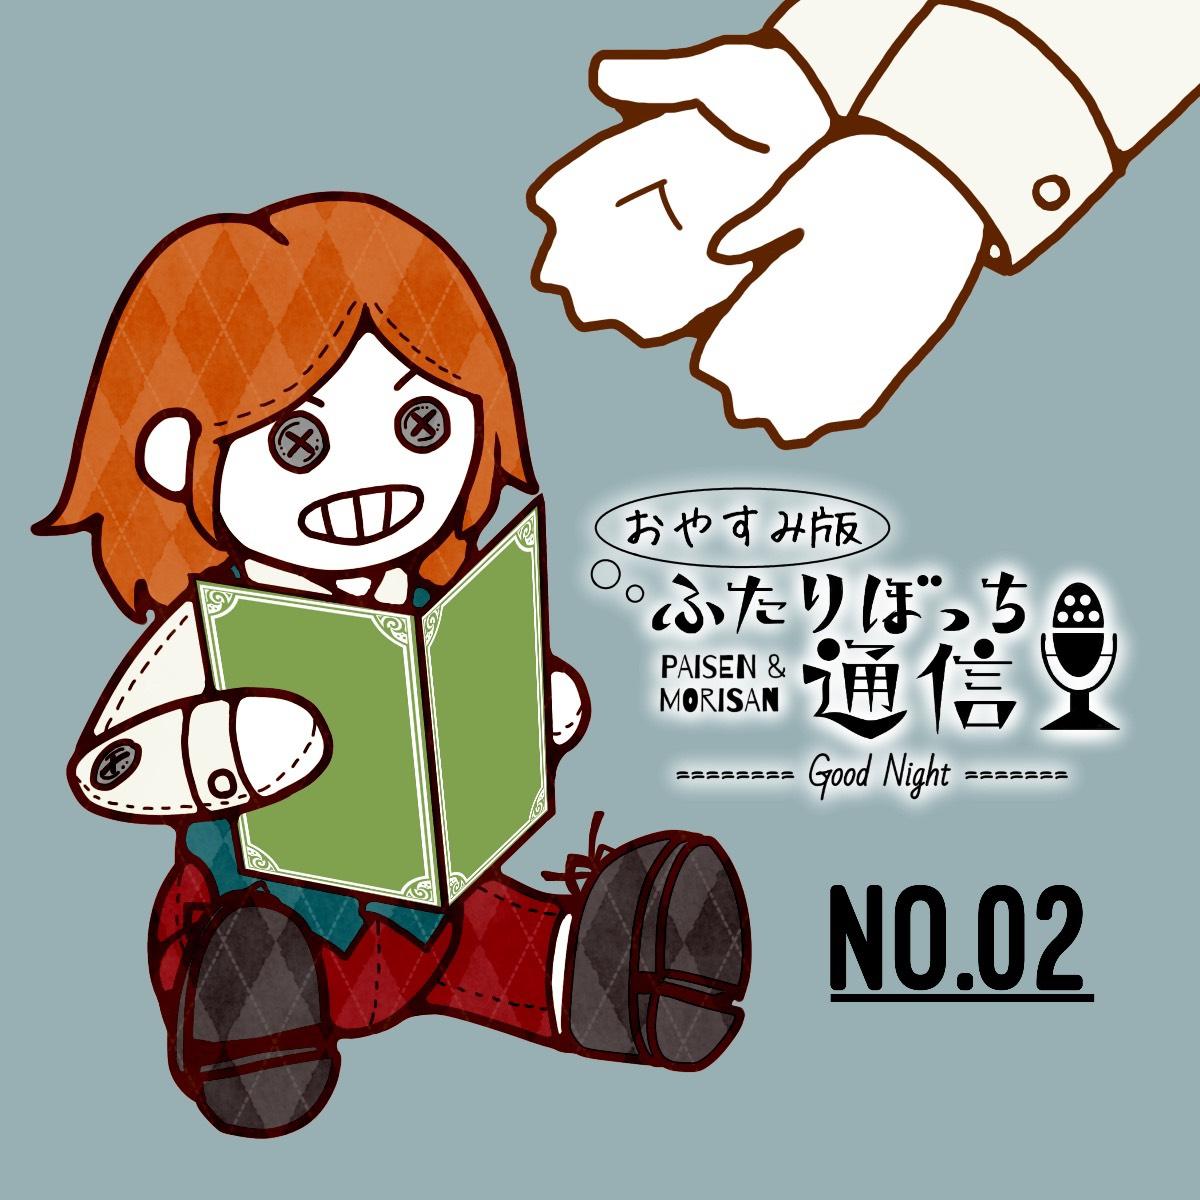 """【おやすみ版】No.02 """"'かくれんぼ""""'"""